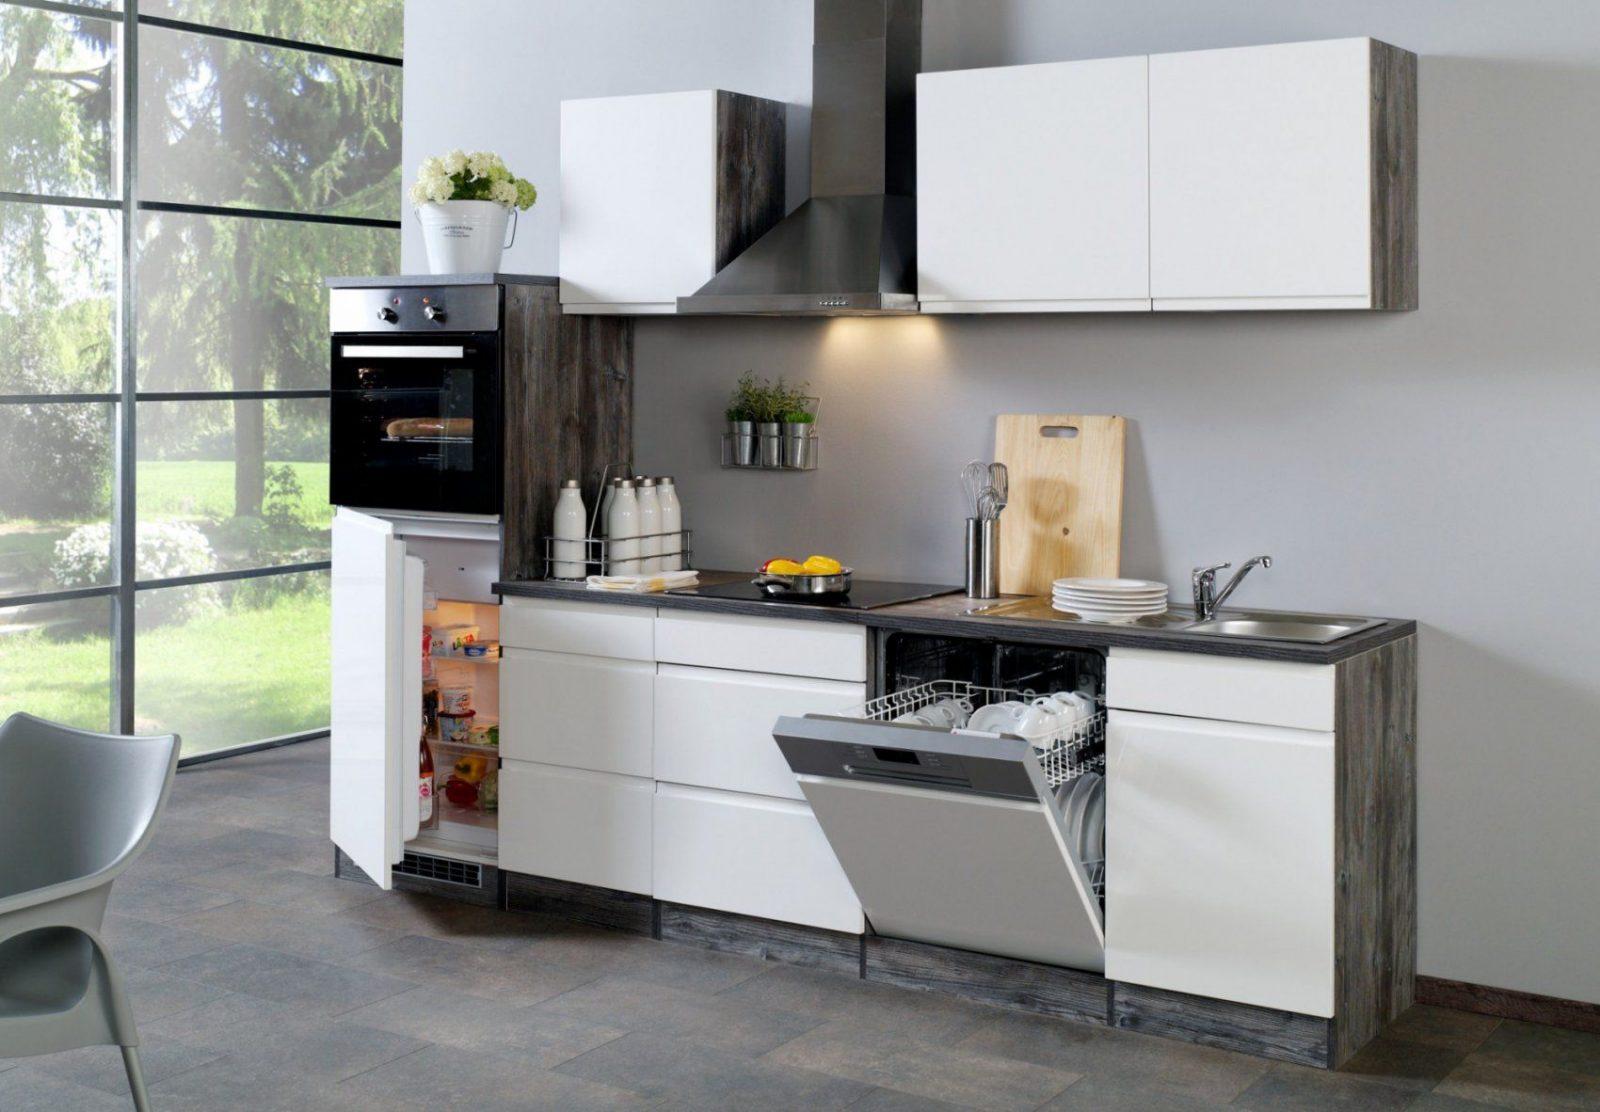 Küchenzeile Cardiff  Küche Mit Egeräten  Breite 280 Cm von Küchenzeile Weiß Hochglanz Günstig Bild